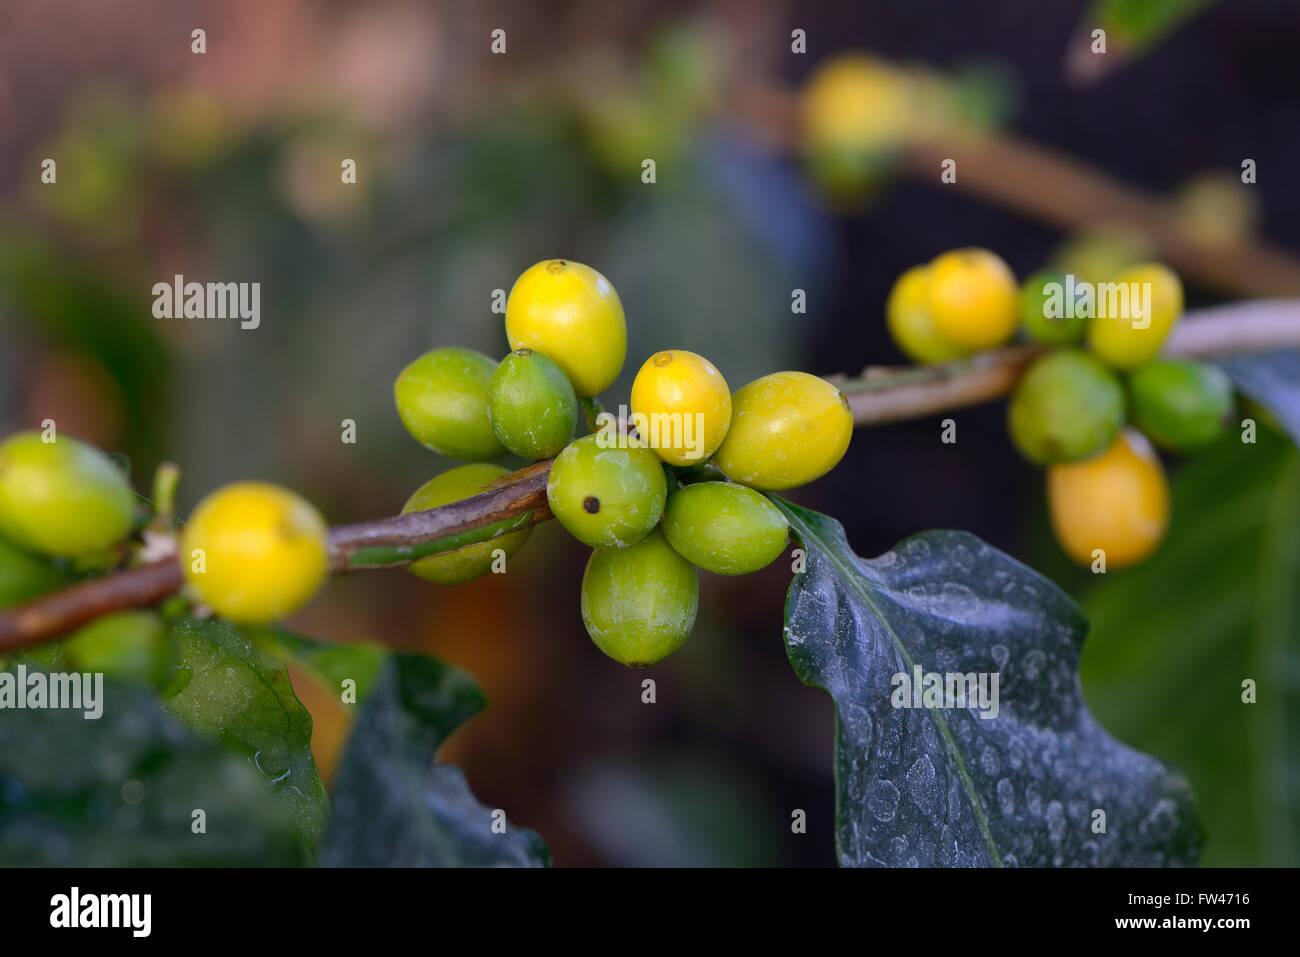 Afrikanischer Kaffee, Coffea stenophylla, Westafrika - Stock Image